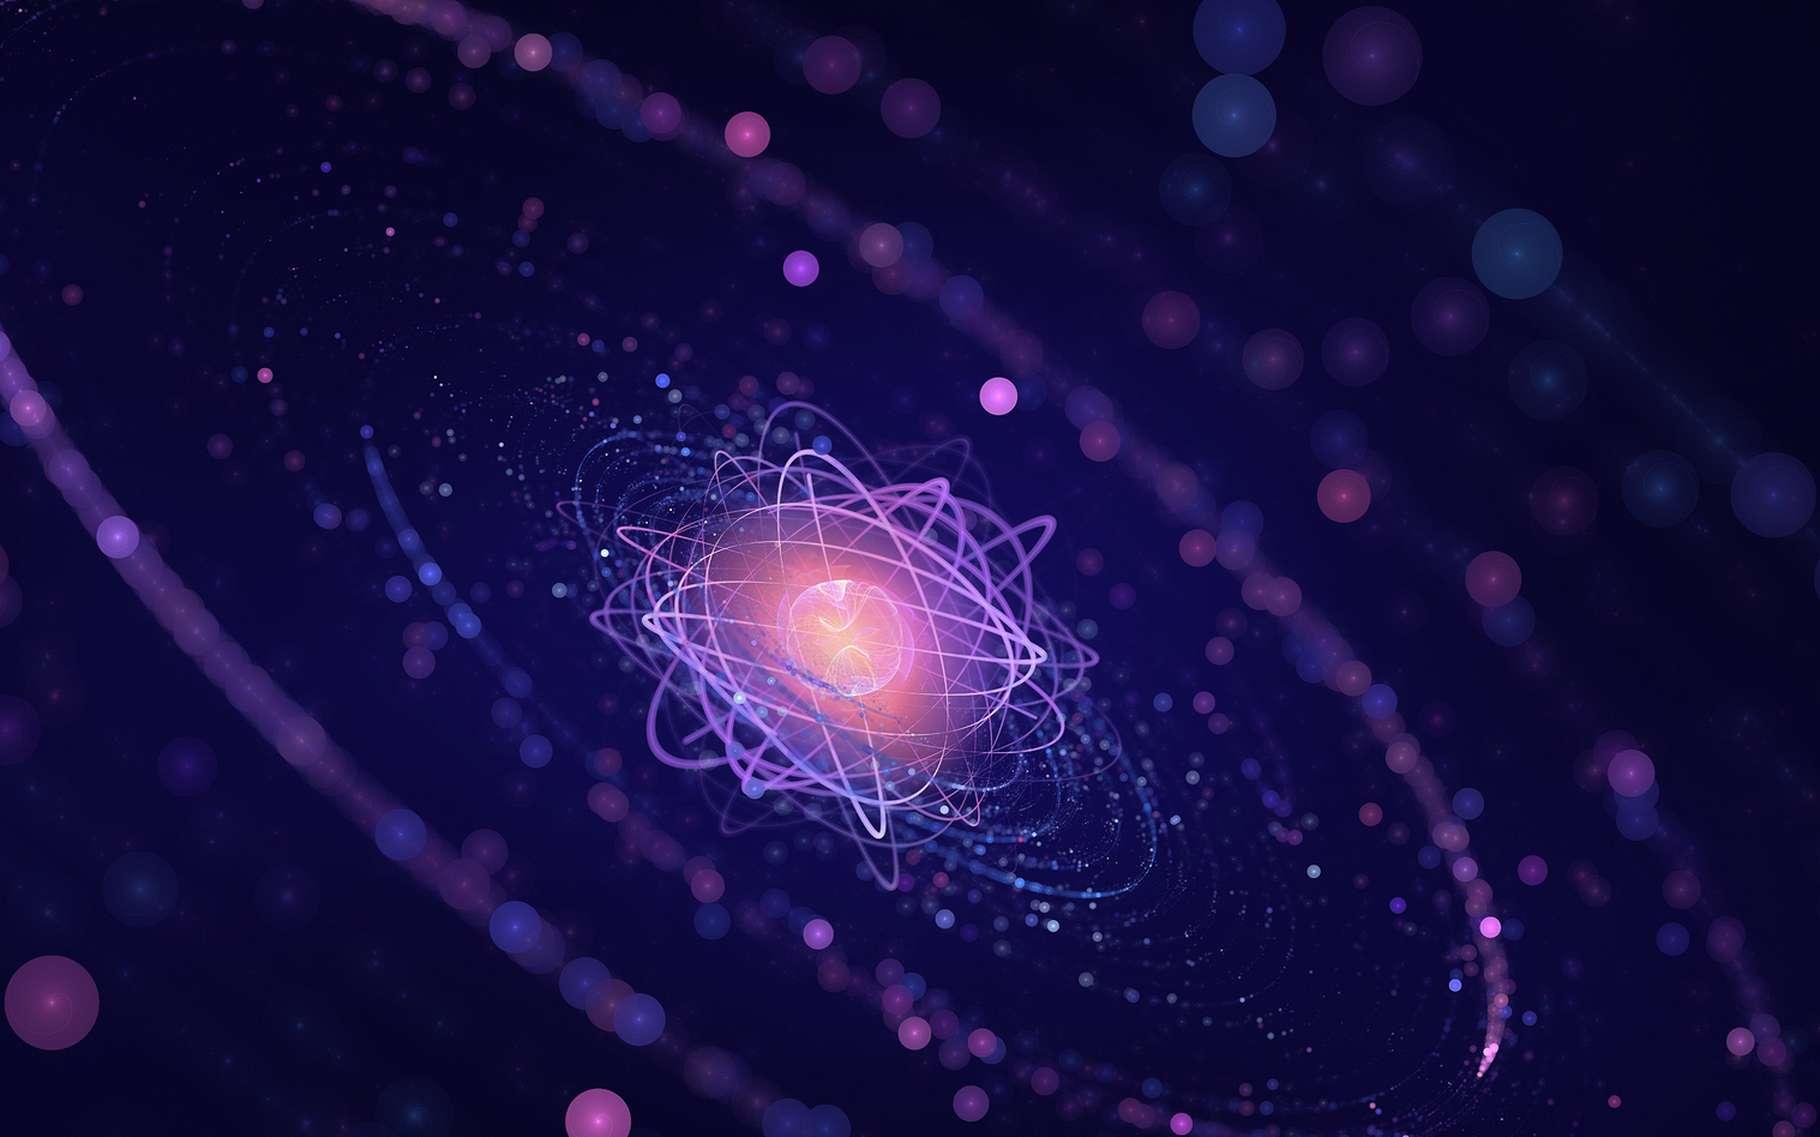 Certains ions échapperaient-ils aux lois de la thermodynamique ? Ici, la représentation d'un atome. © Lana Po, Shutterstock